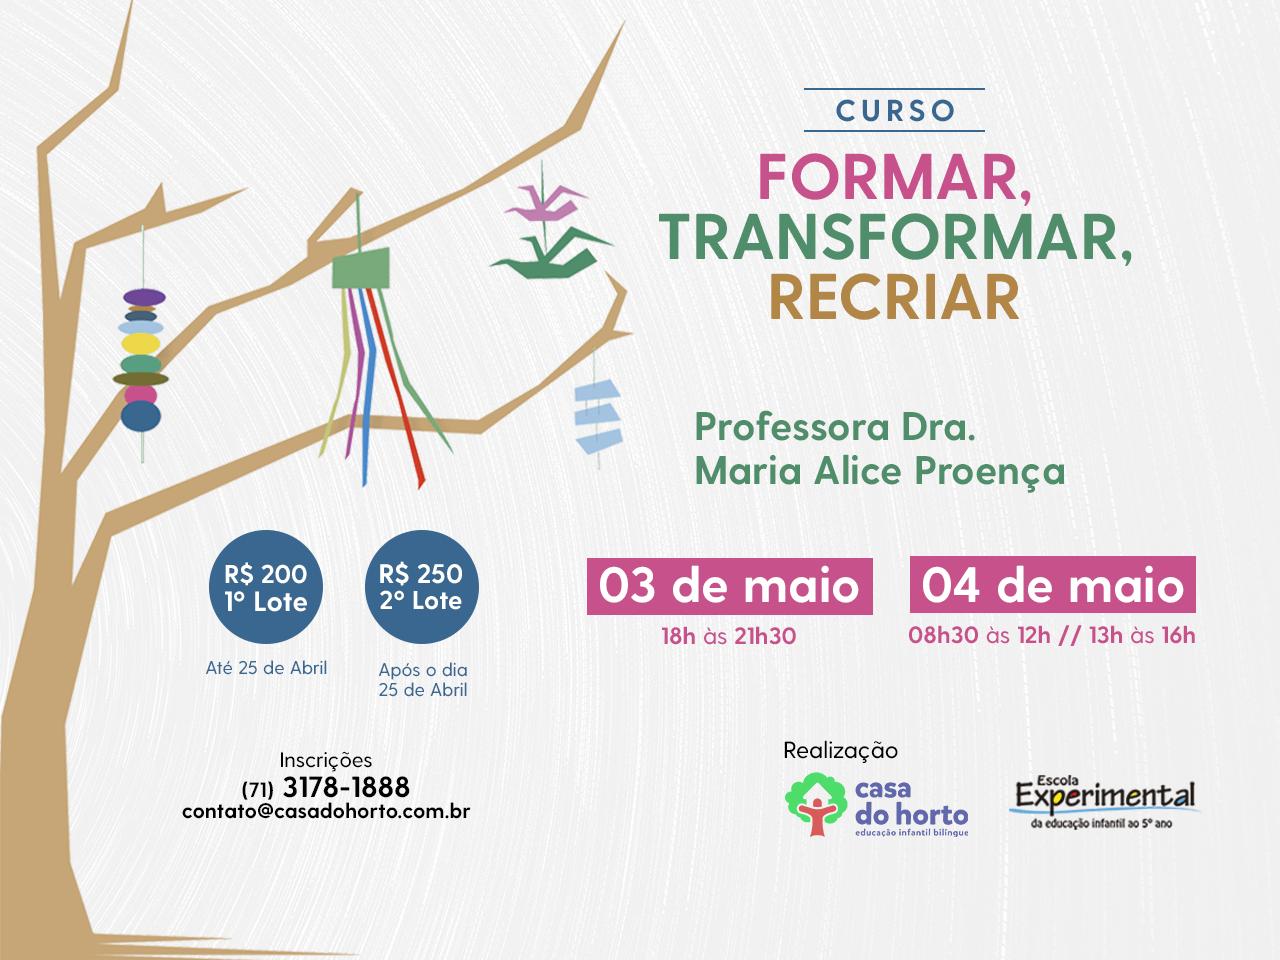 Curso Formar, Transformar, Recriar com Profª Drª Maria Alice Proença